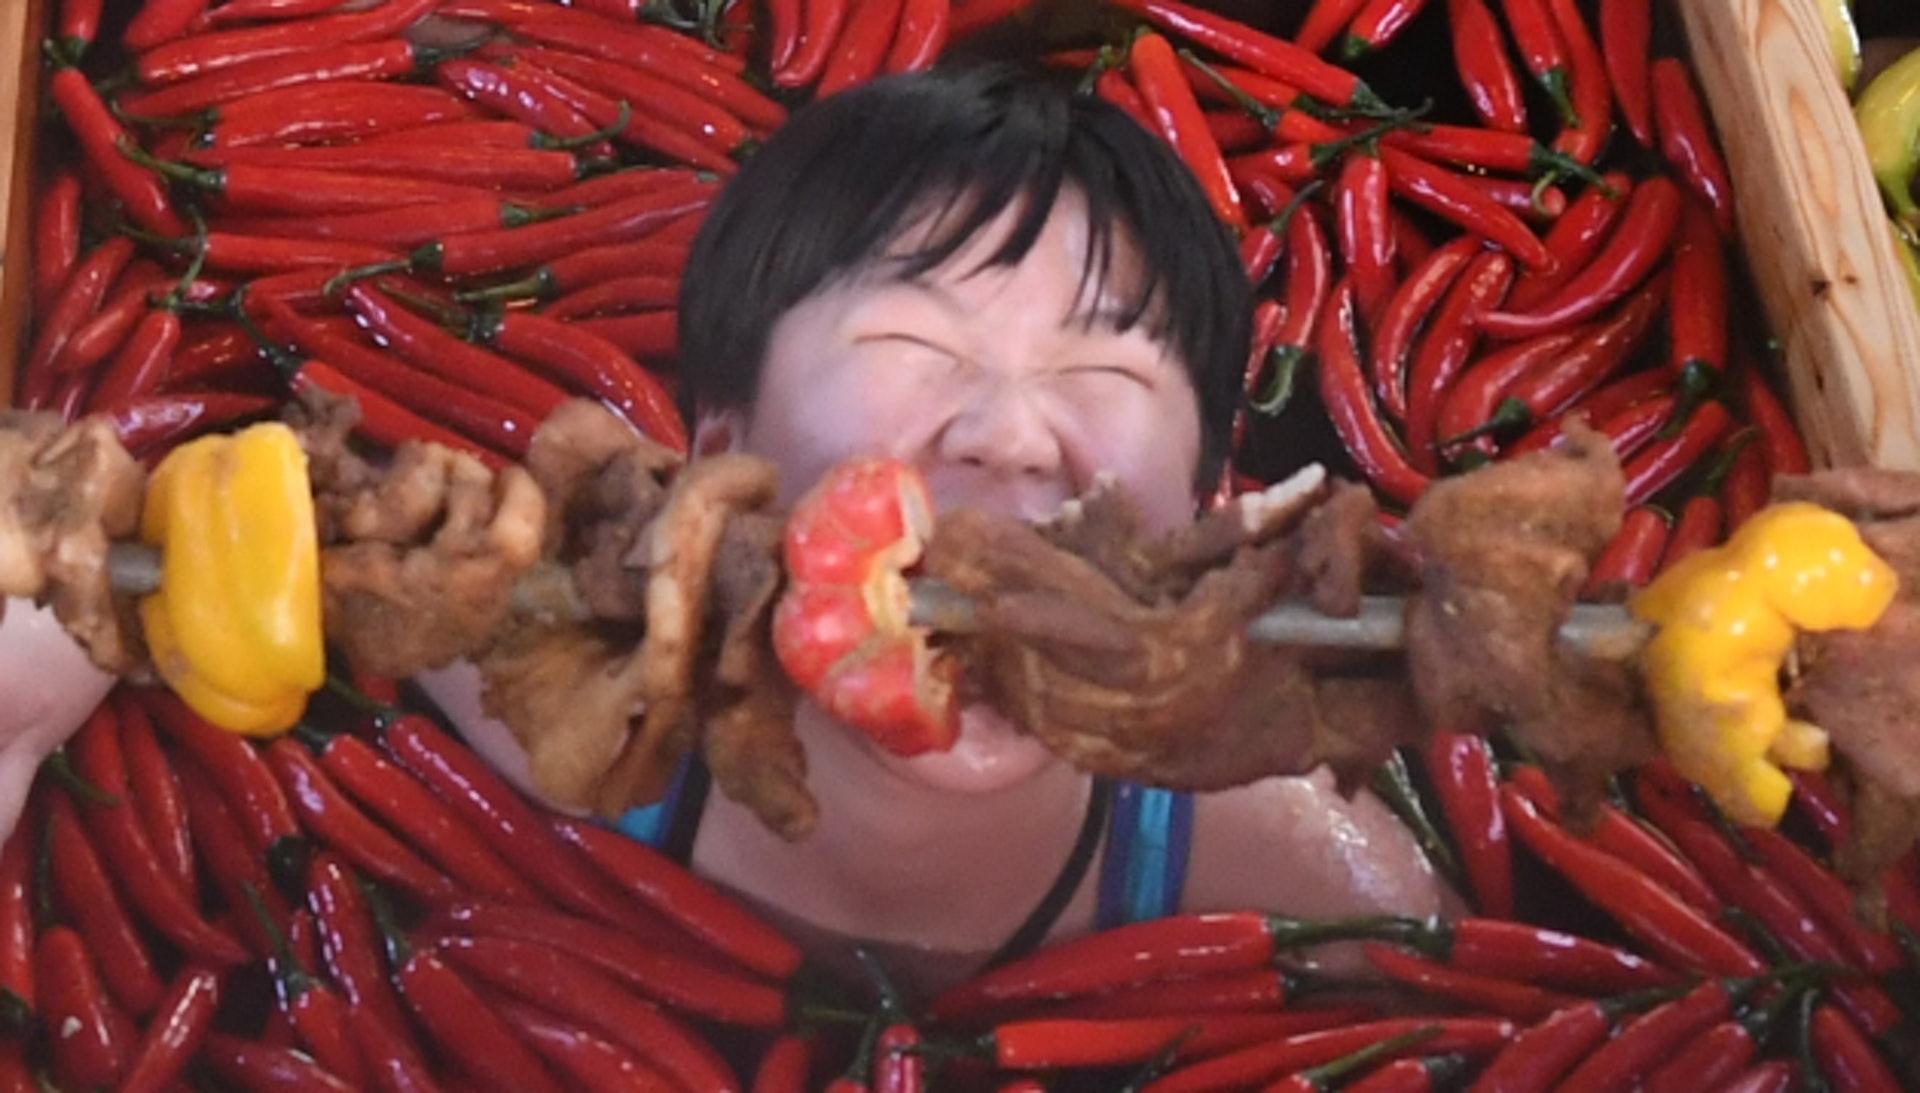 為迎接豬年,有杭州酒店推出九宮格火鍋溫泉,讓顧客泡浸各種火鍋配料時同時享用巨型豬肉串。(網上圖片)